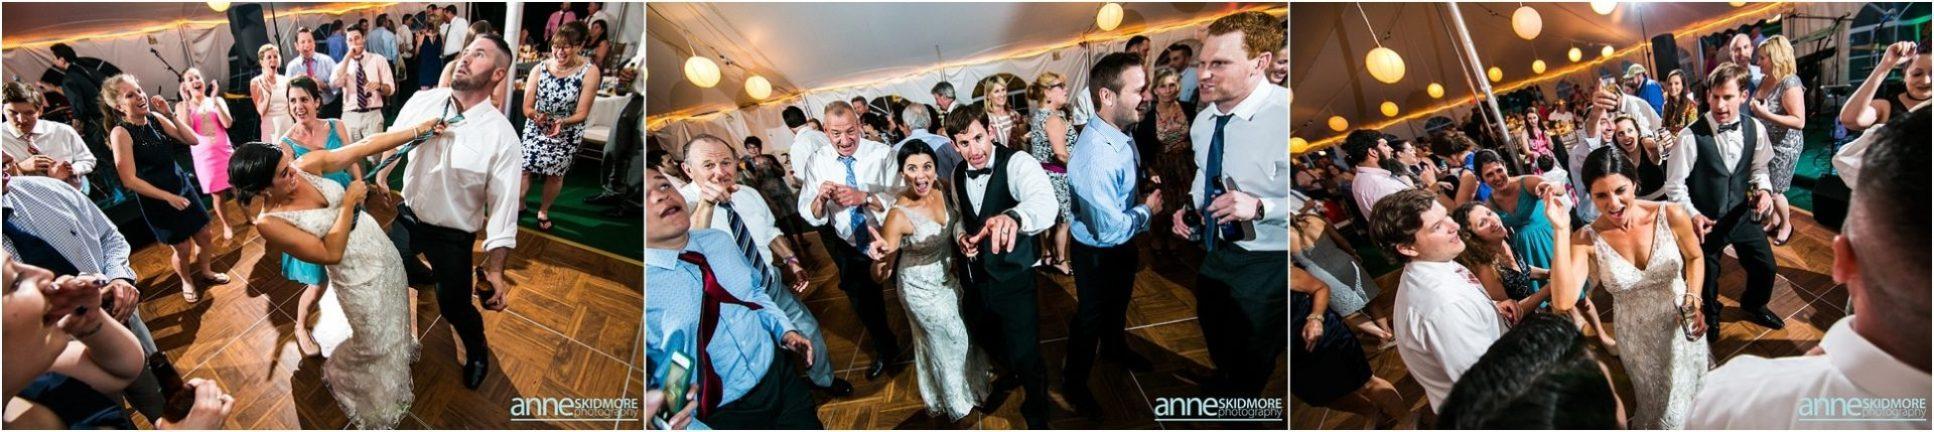 Wentworth_Inn_Wedding_0068